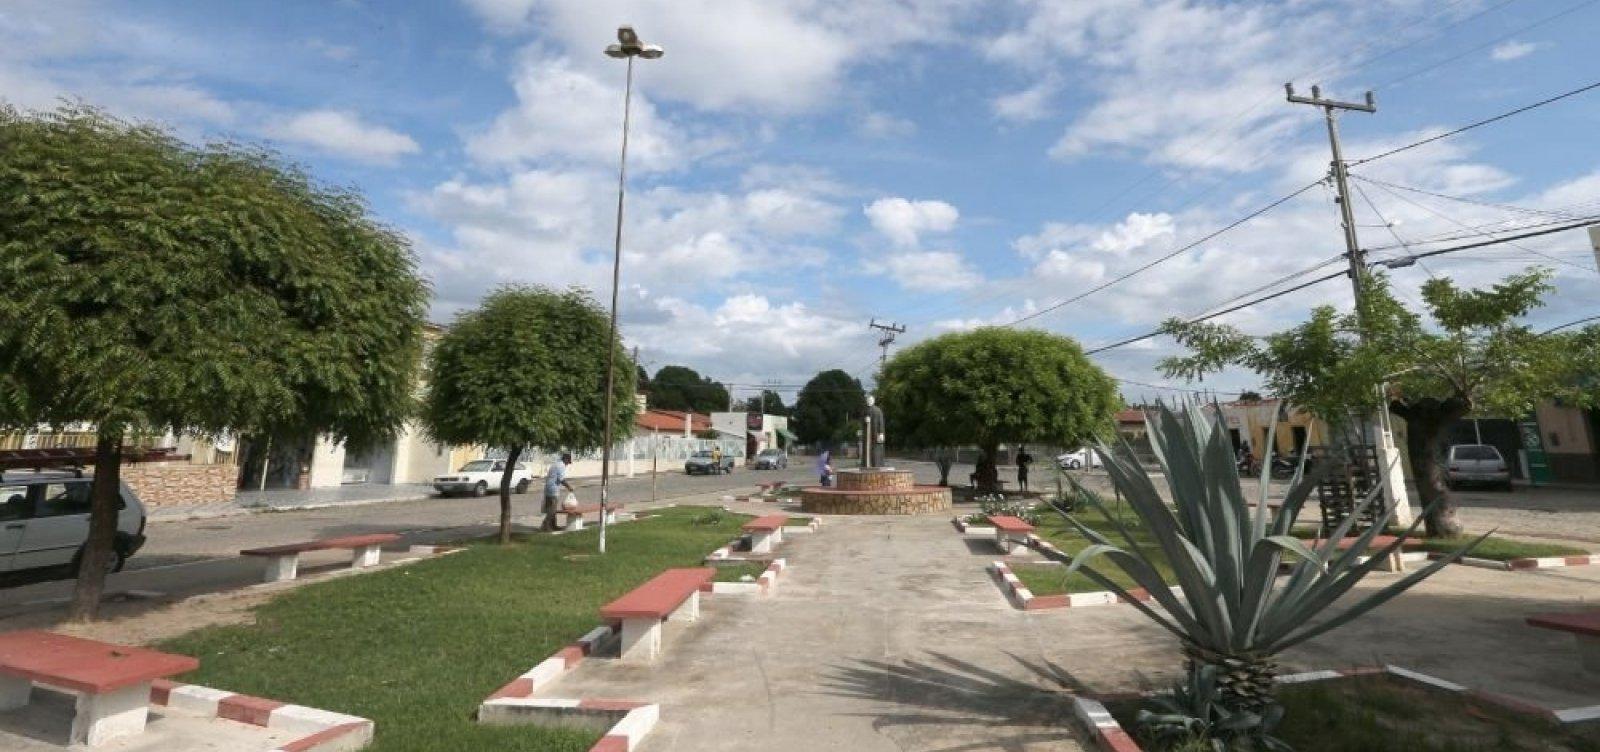 Pilão Arcado Bahia fonte: www.radiometropole.com.br